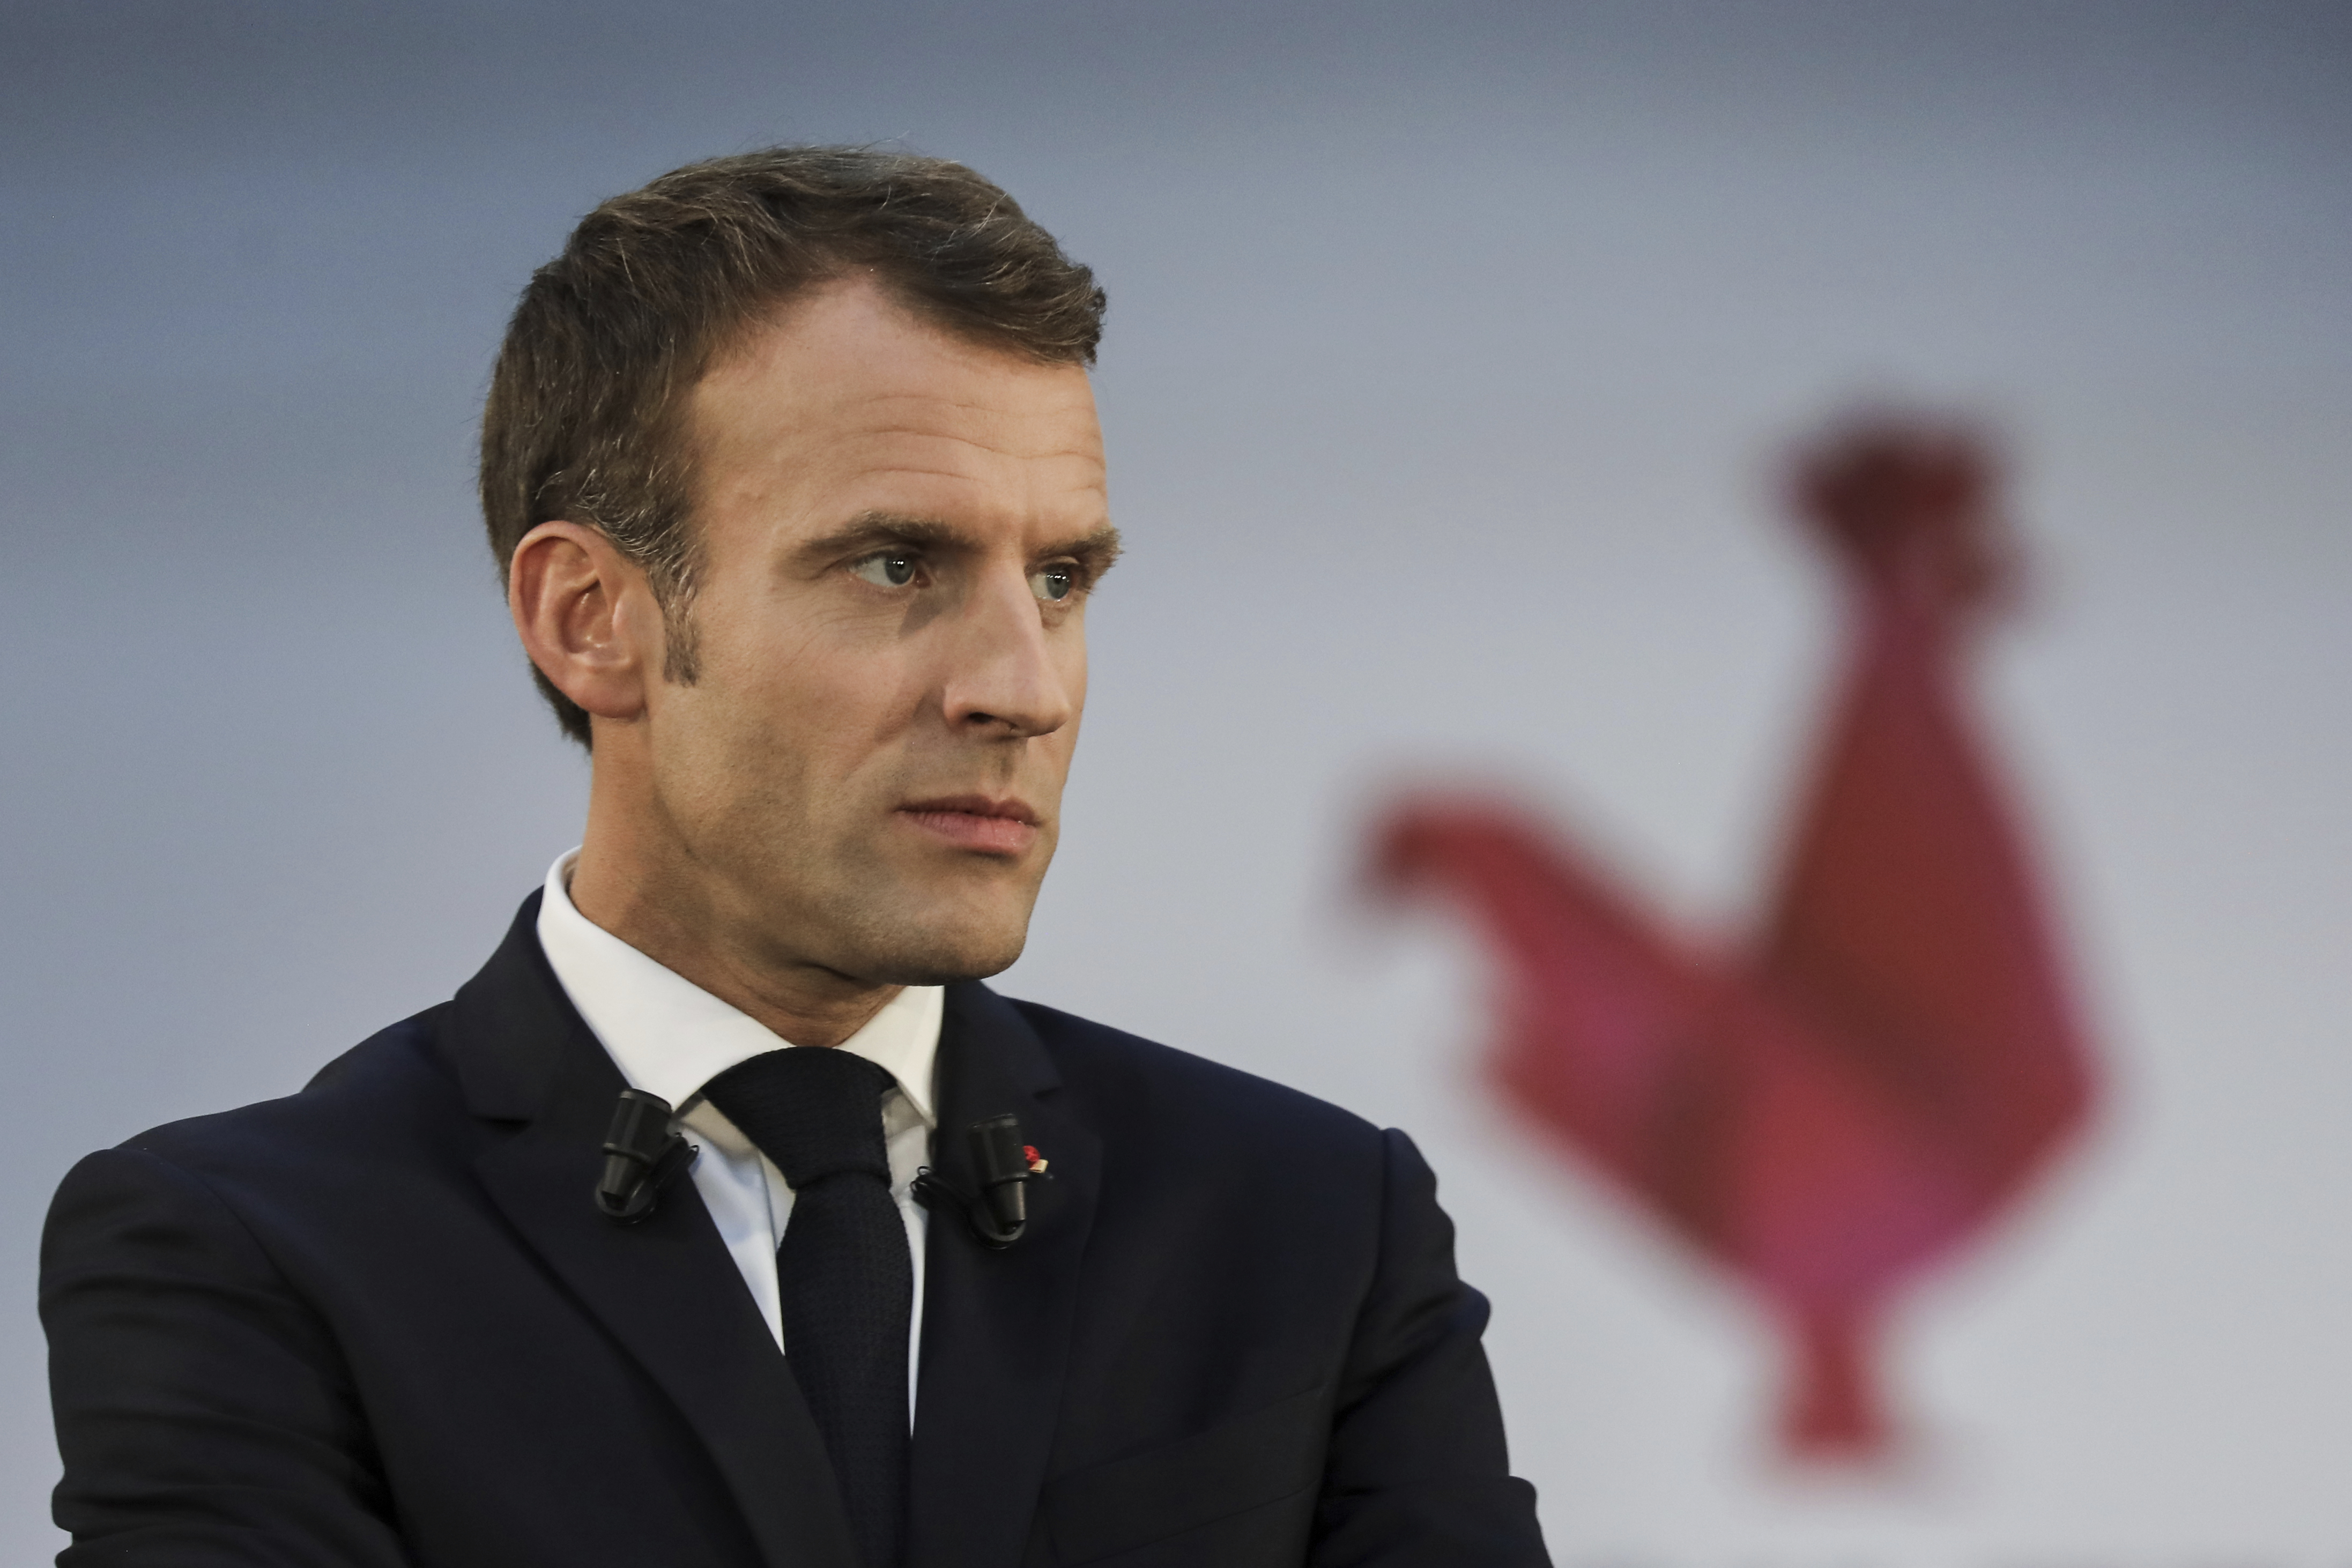 Macron emlékeztette Franciaországot, hogy az istenkáromlás nem bűncselekmény